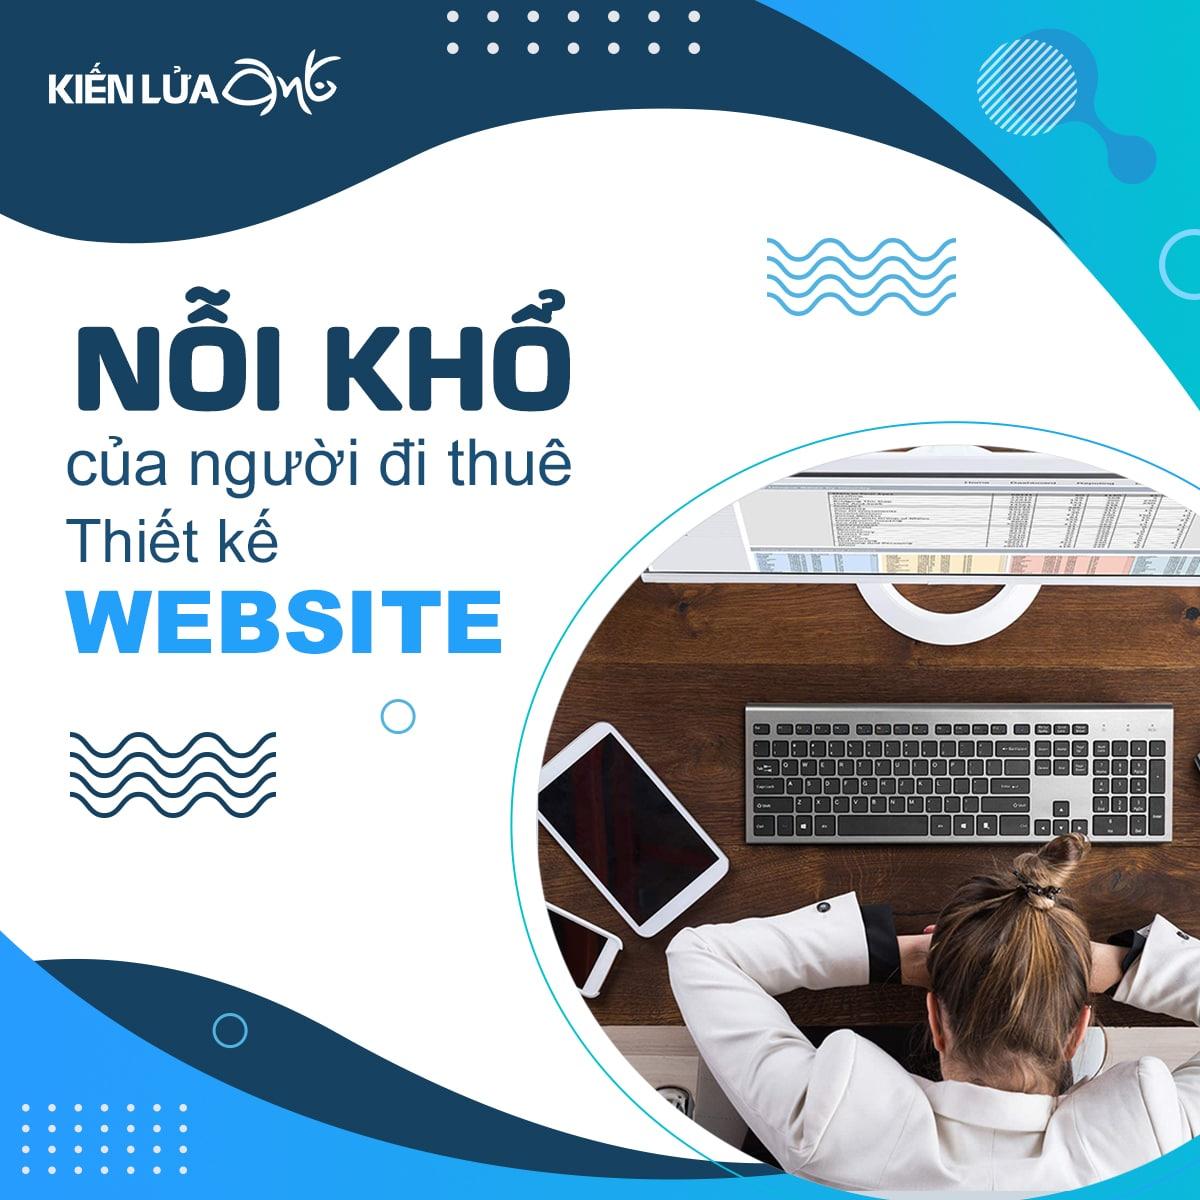 Nỗi khổ của người đi thuê thiết kế website